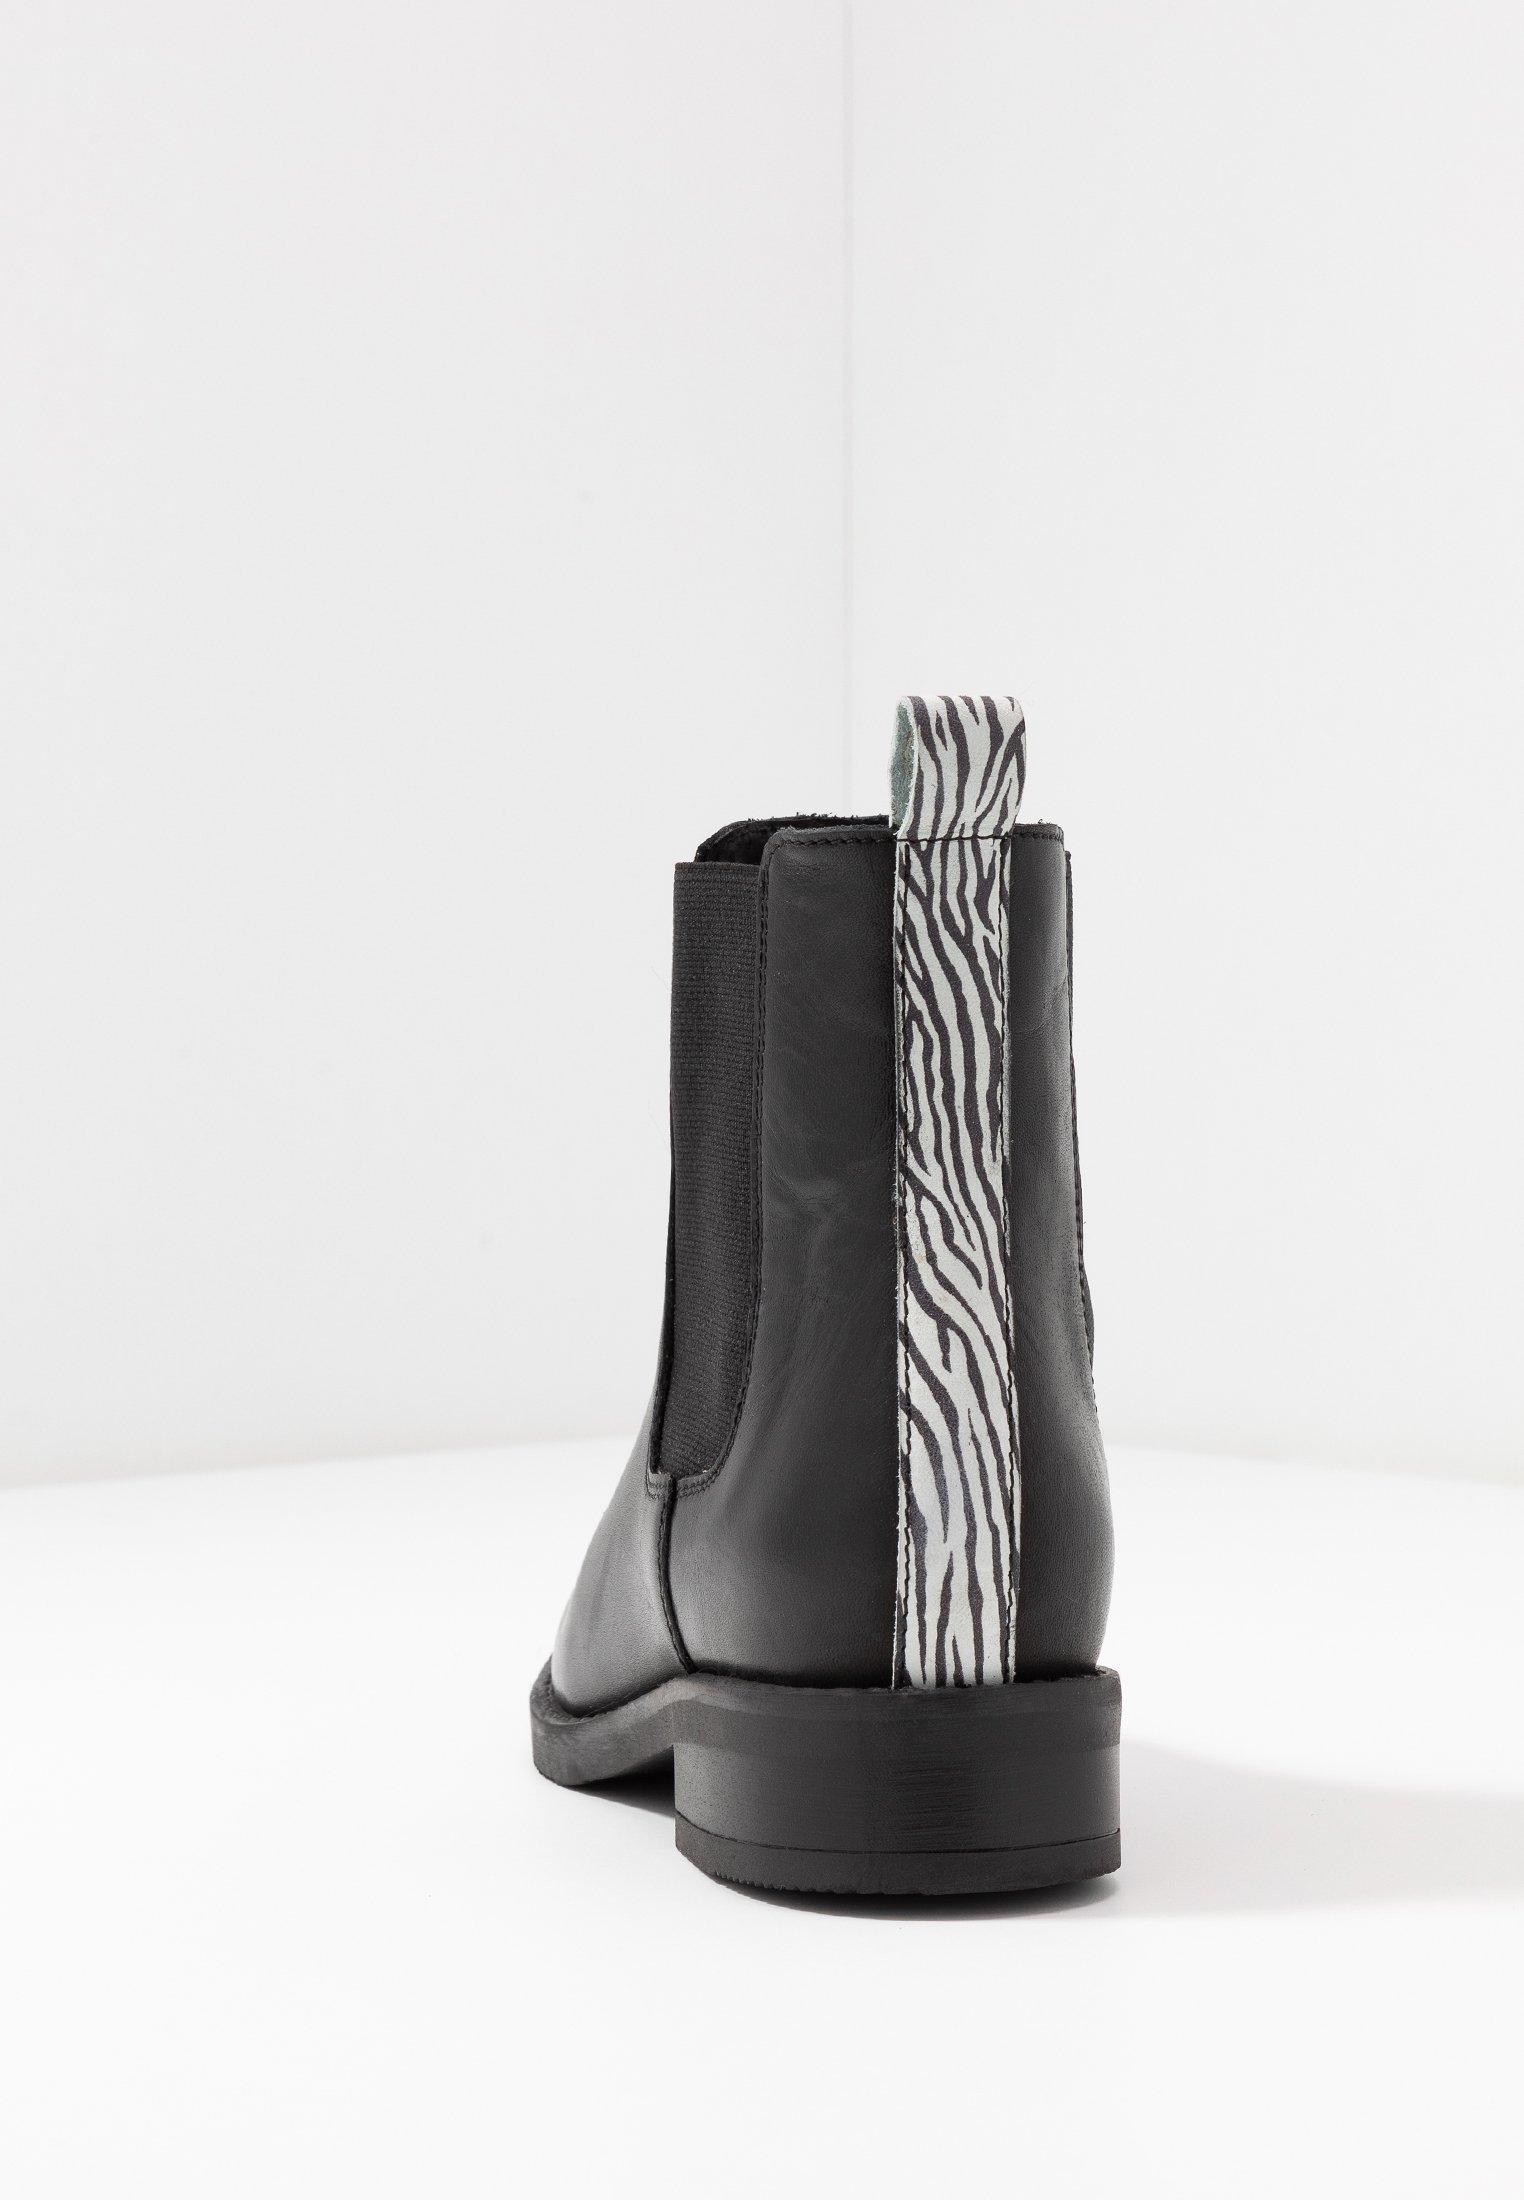 Zign Vinterstøvler - black